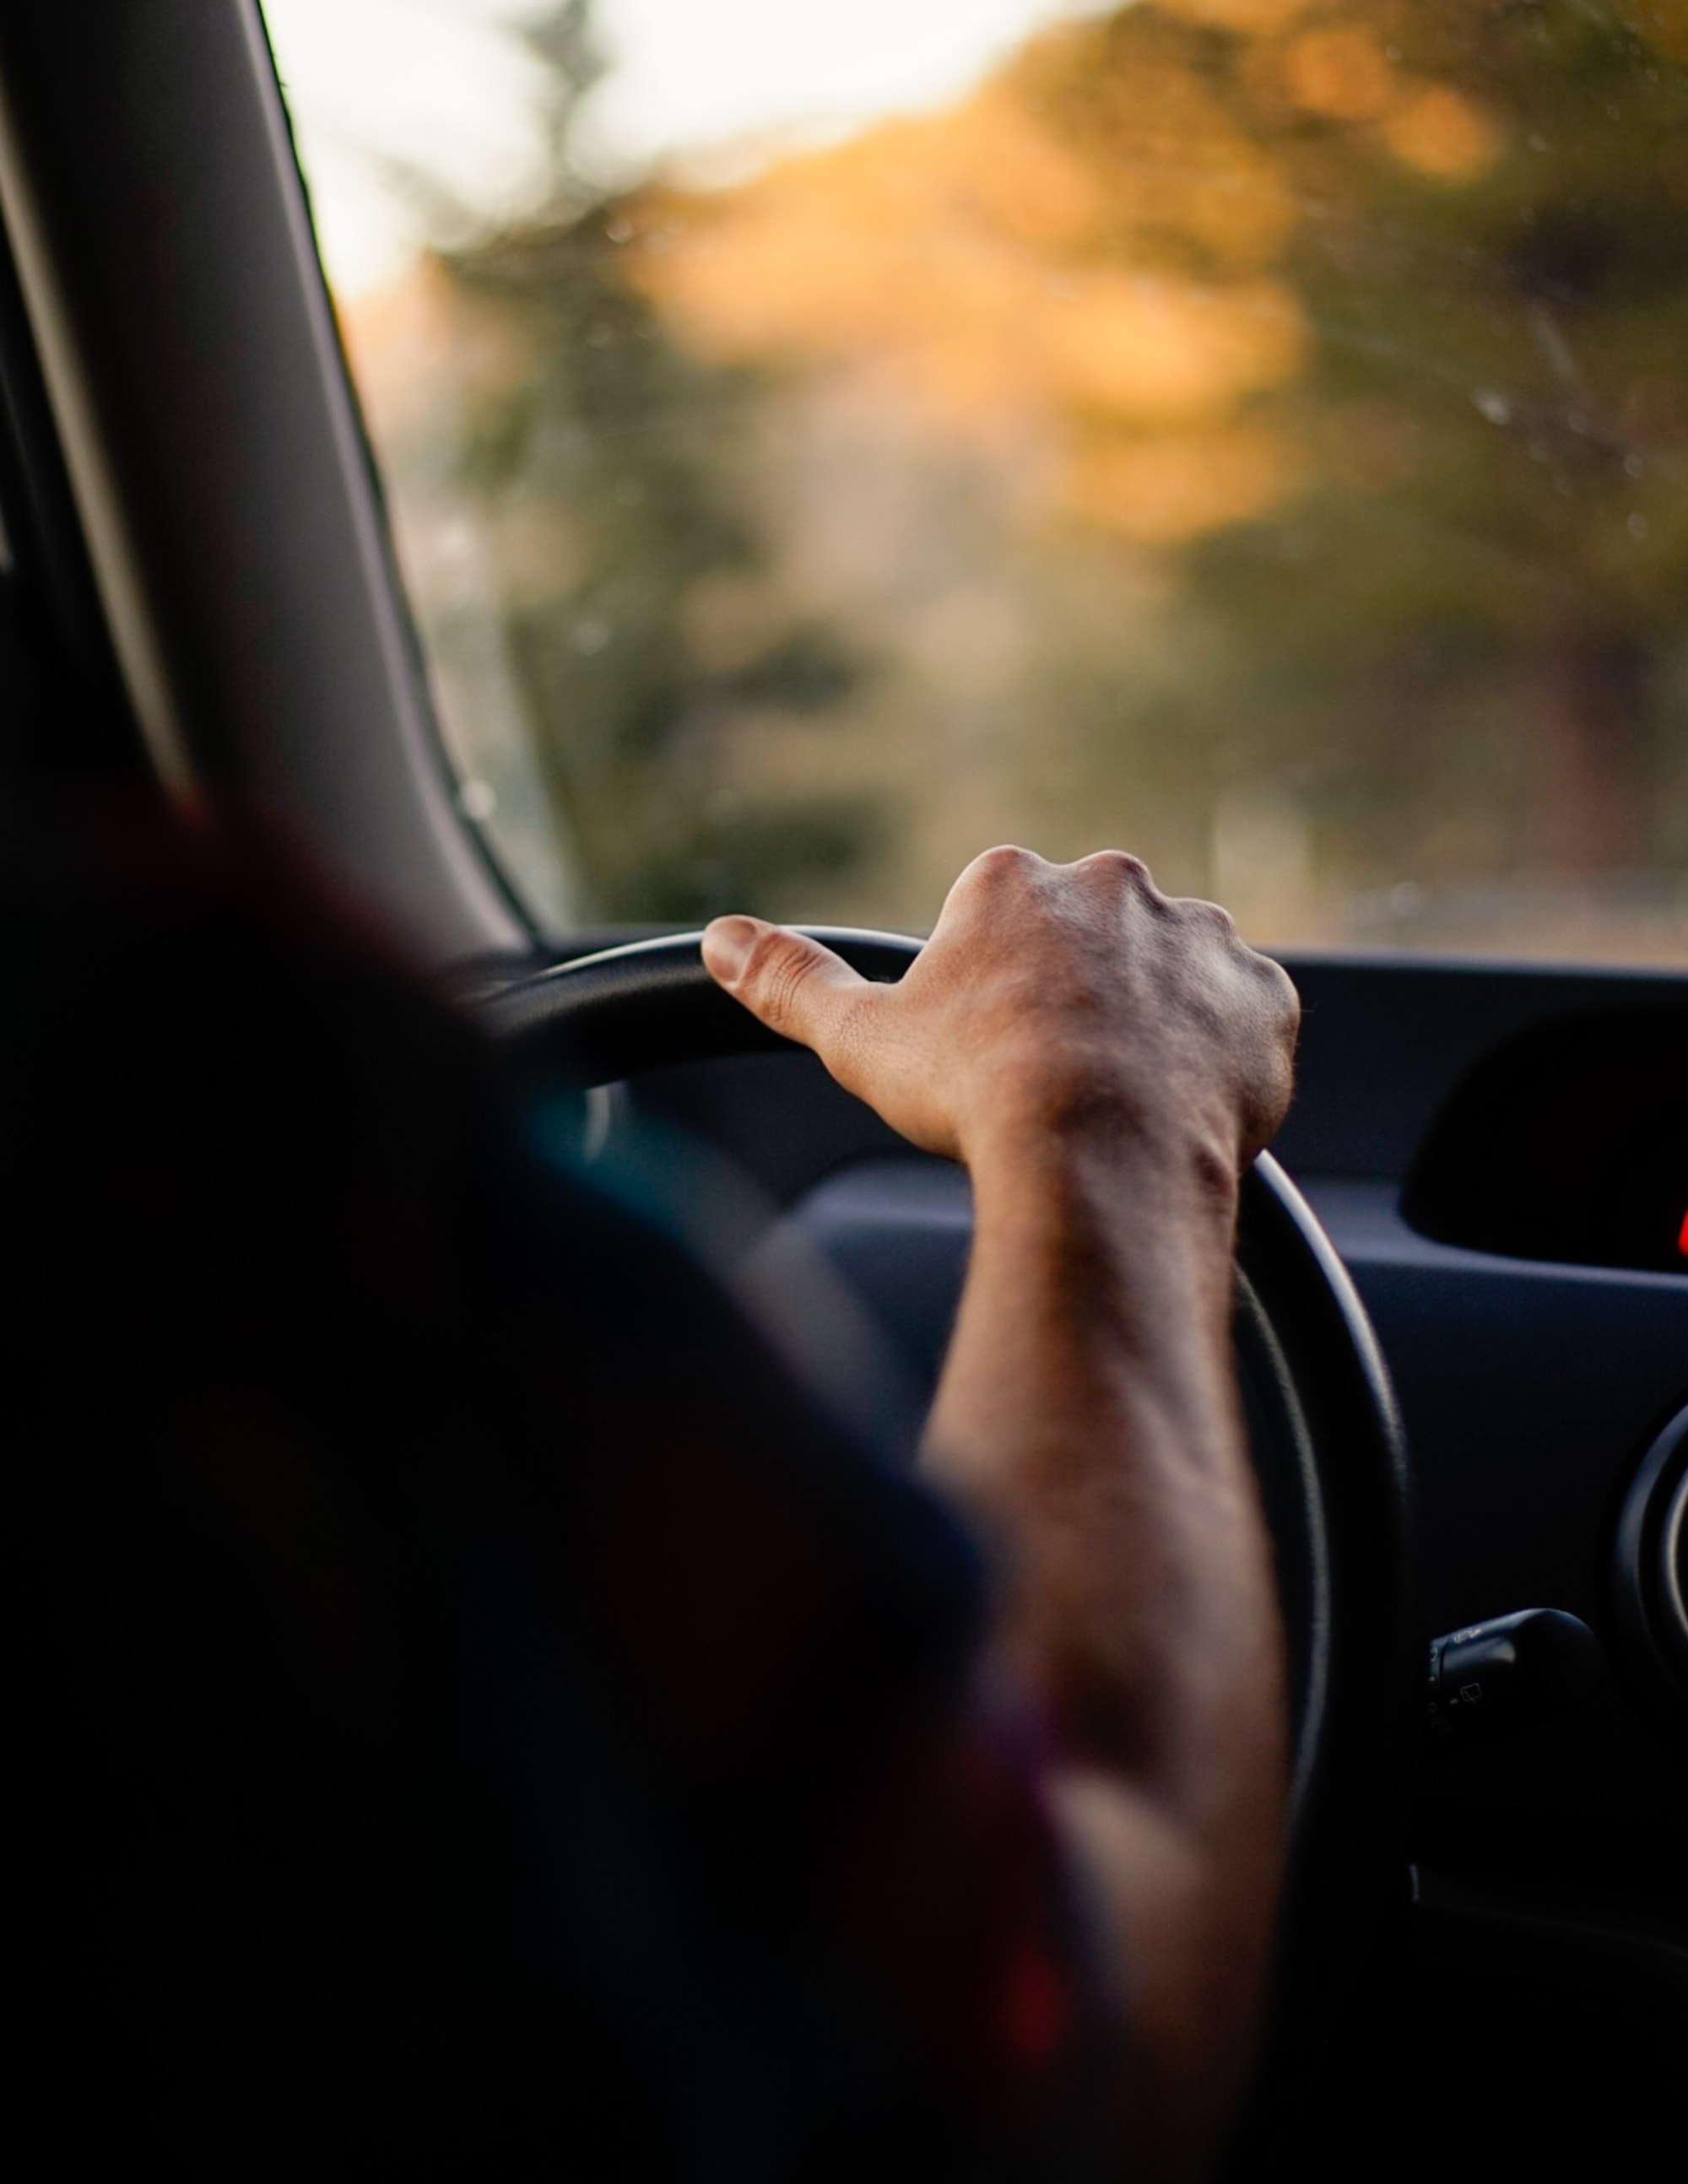 Immobilizer samochodowy co to takiego?✔️ Zasada działania oraz czy opłaca się zakładać dodatkowy immobiliser.